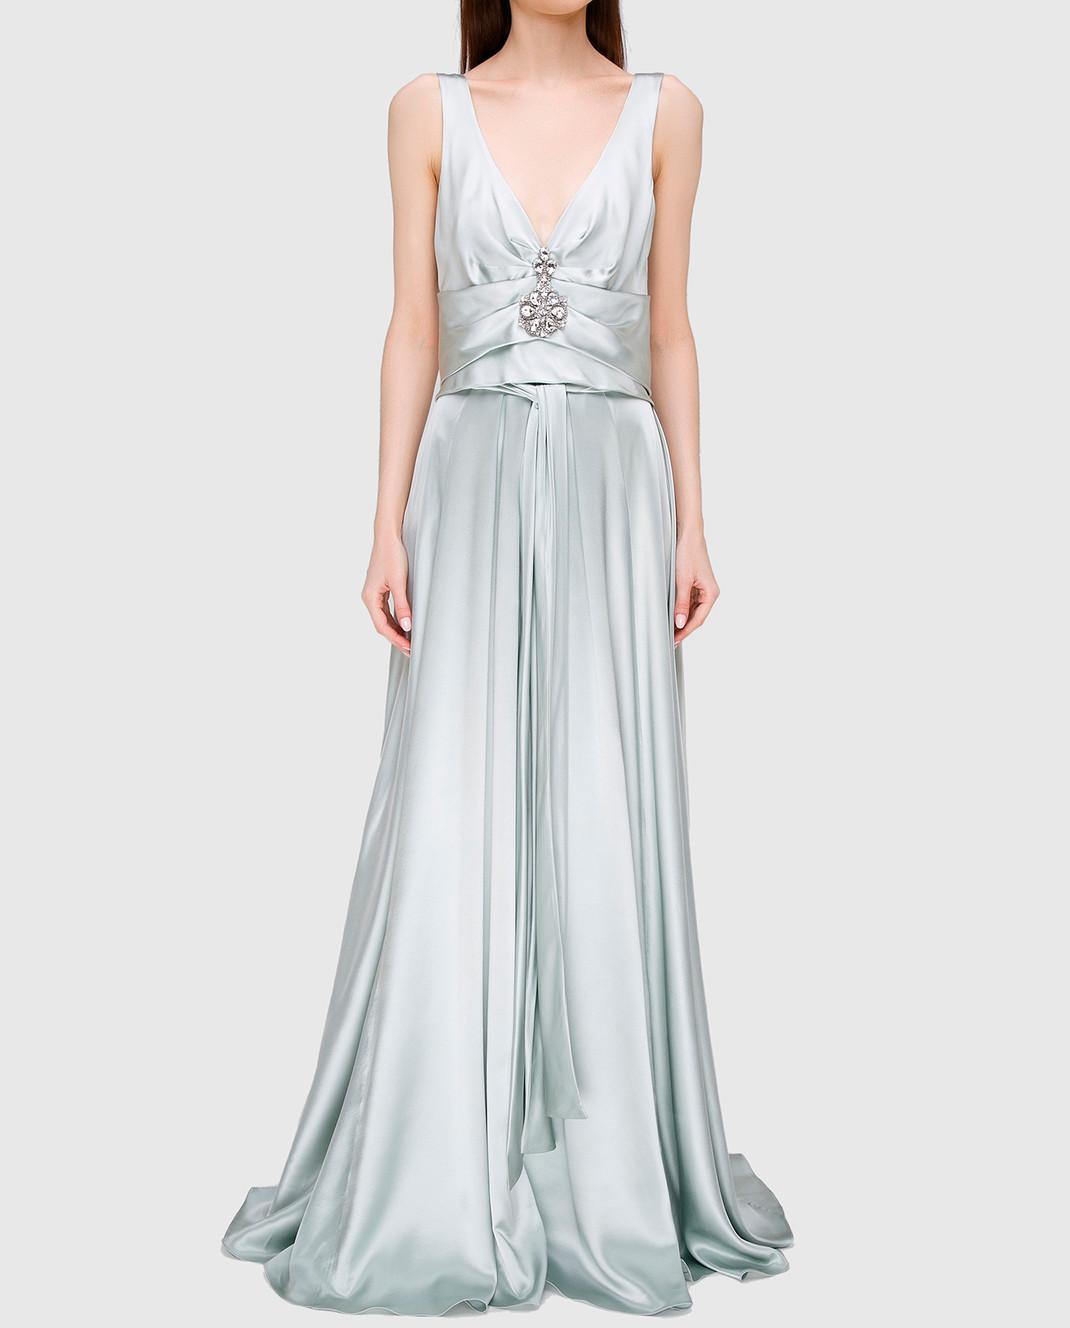 Collette Dinnigan Светло-серое платье из шелка 11115082 изображение 3